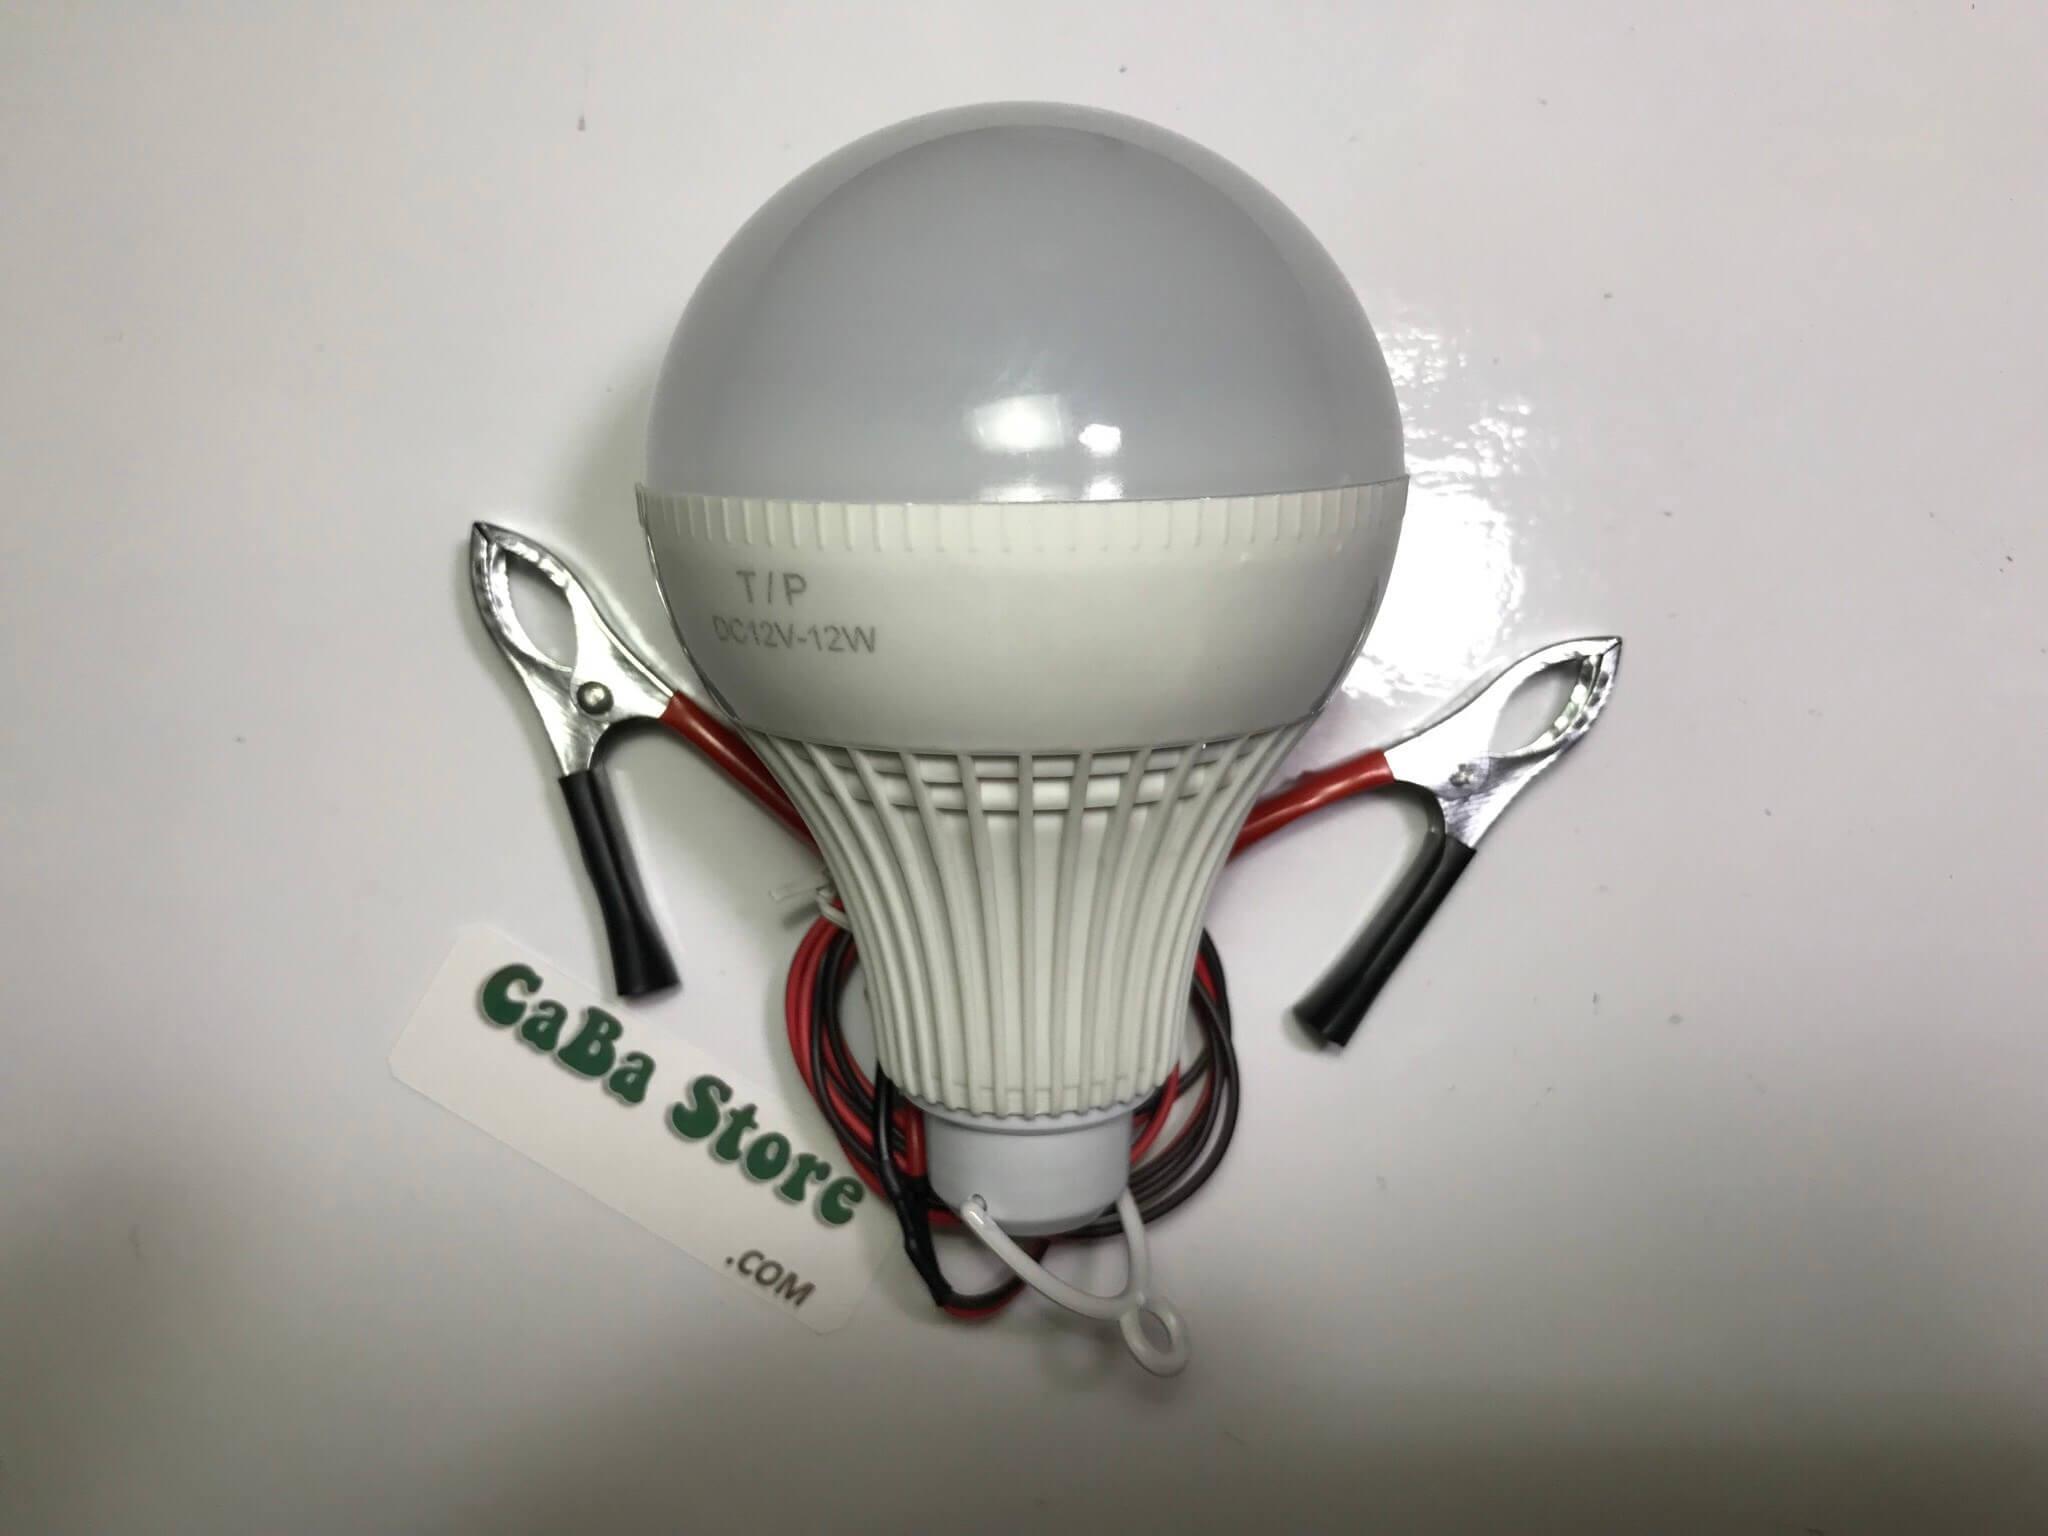 Bóng đèn led 12V-12W Ánh sáng trắng | Bao đổi trả | CaBa Store